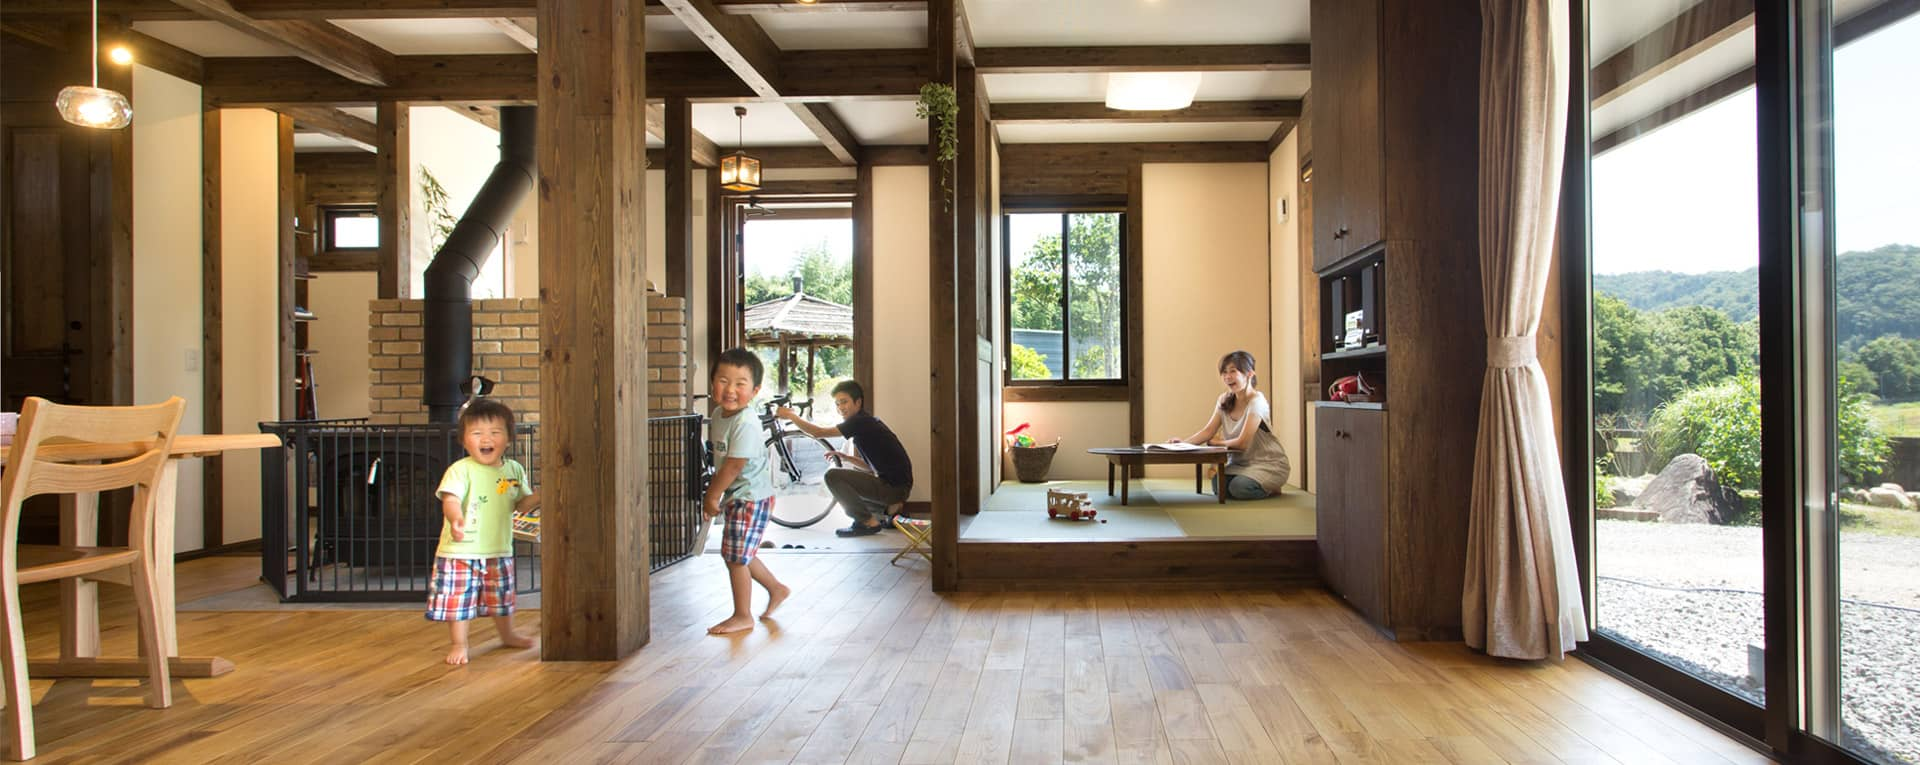 天然素材のひのきの家が「標準仕様」坪単価50万円~月々8万円台でスローライフを始めませんか?